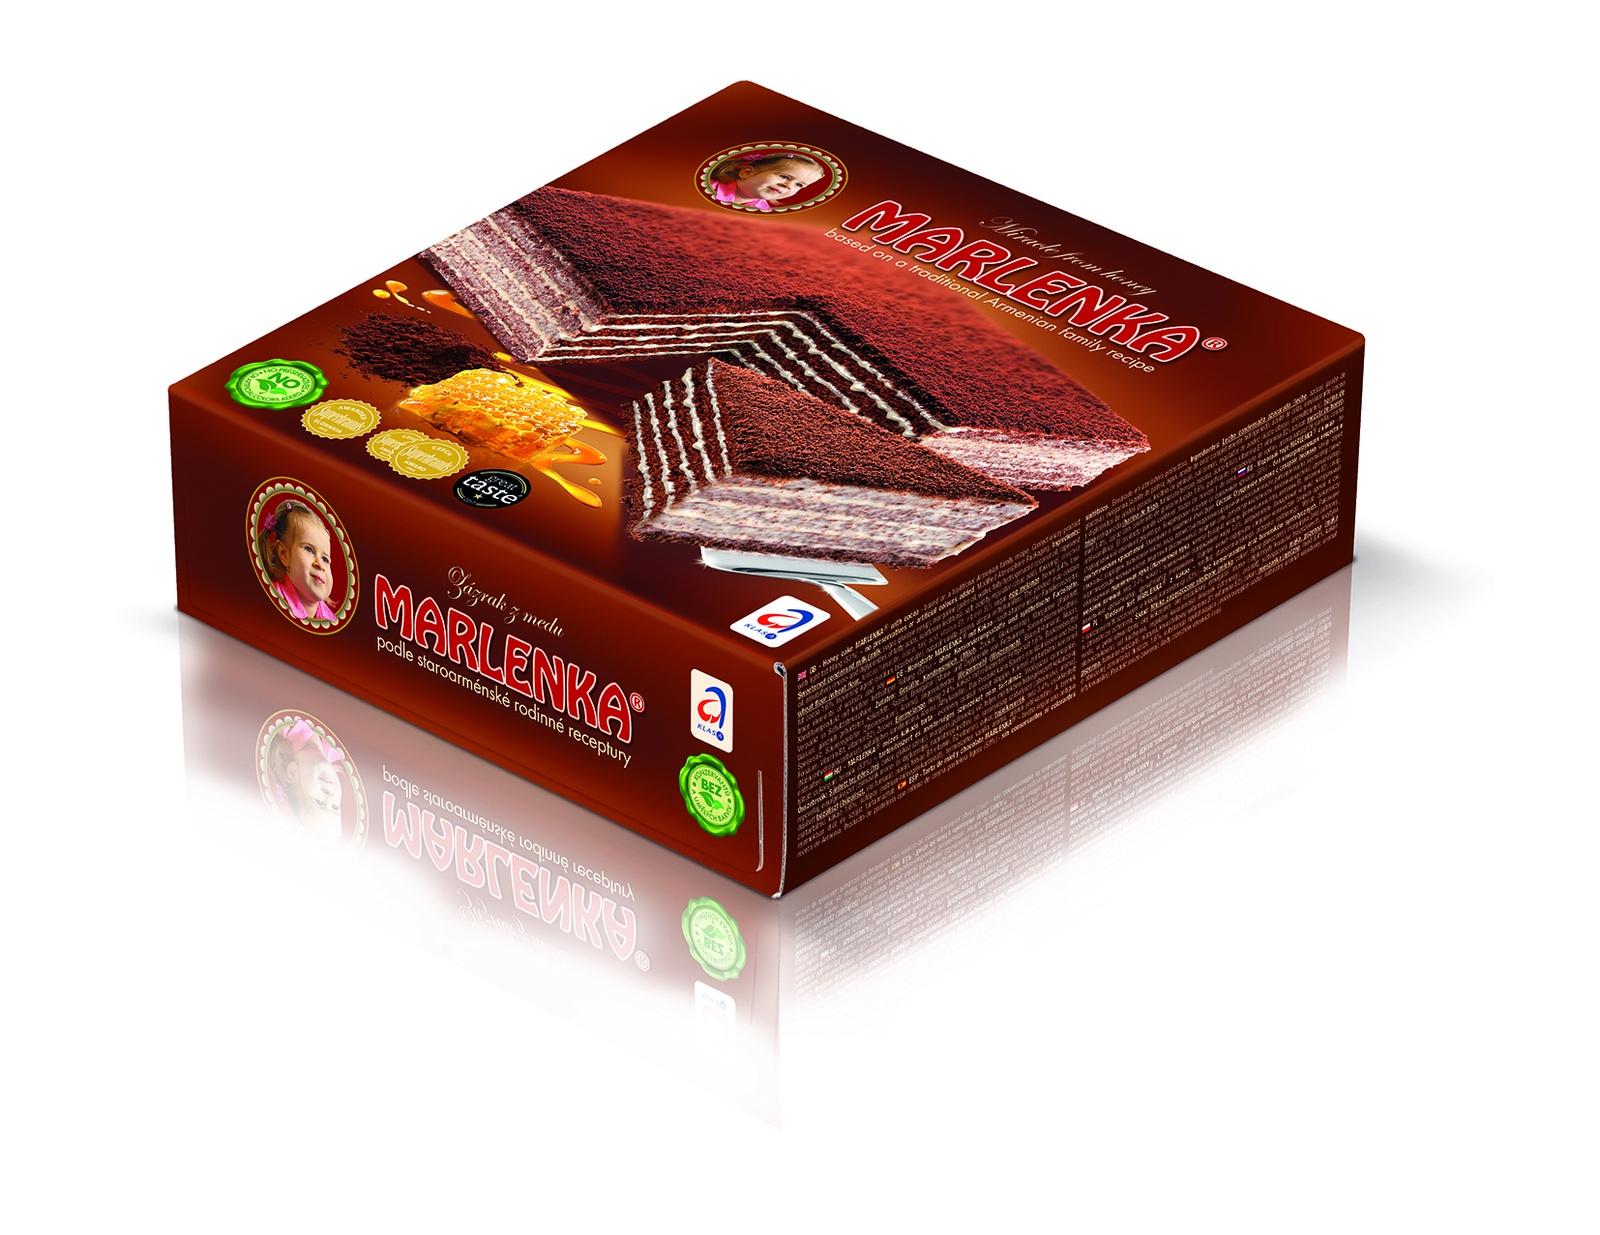 Торт медовый MARLENKA с какао торт marlenka медовый с какао 100 г